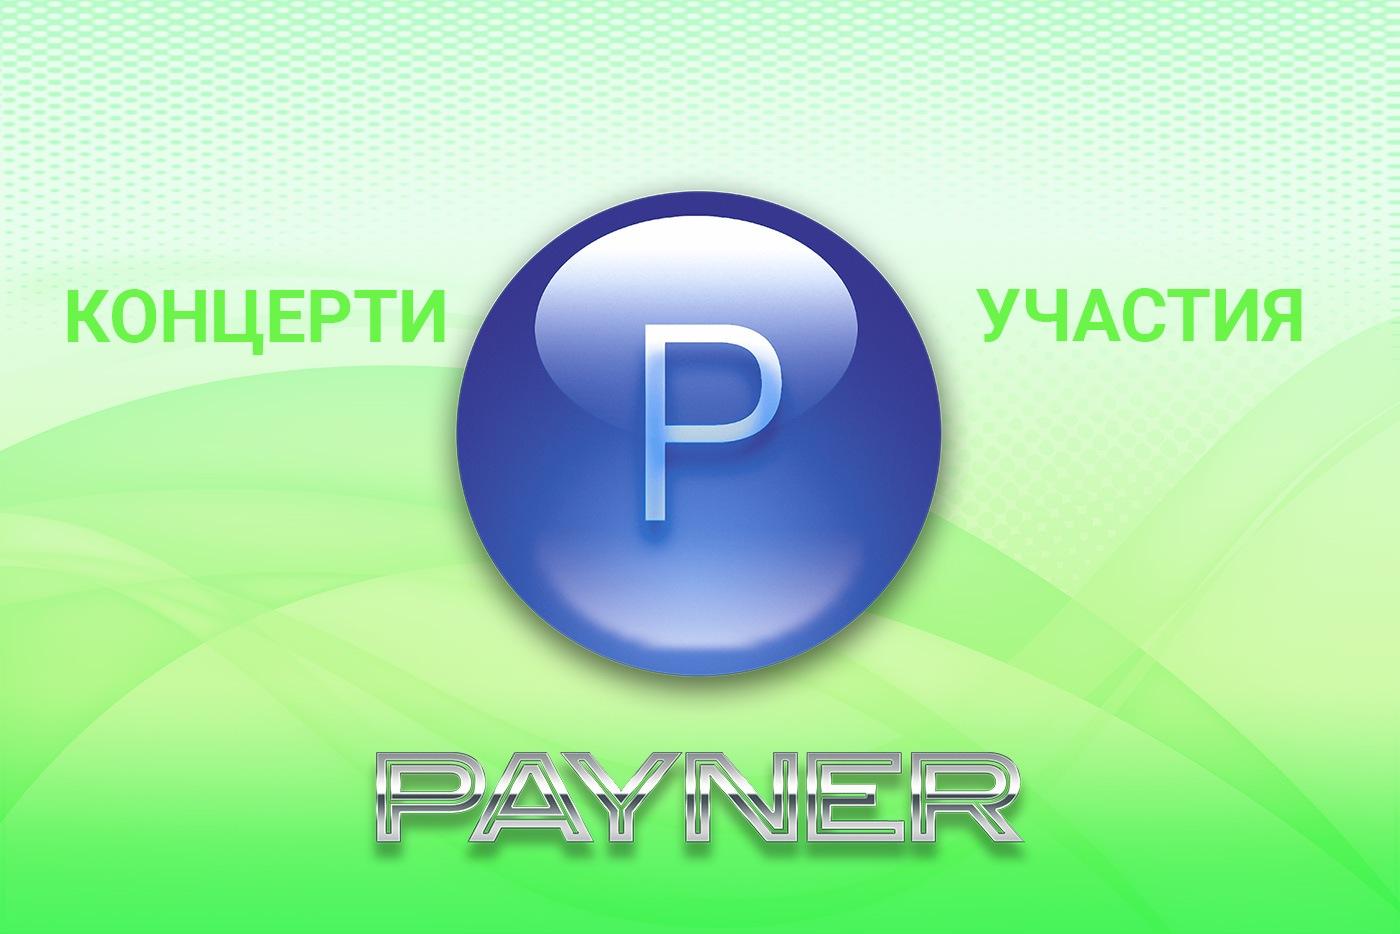 """Участия на звездите на """"Пайнер"""" на 14.02.2019"""